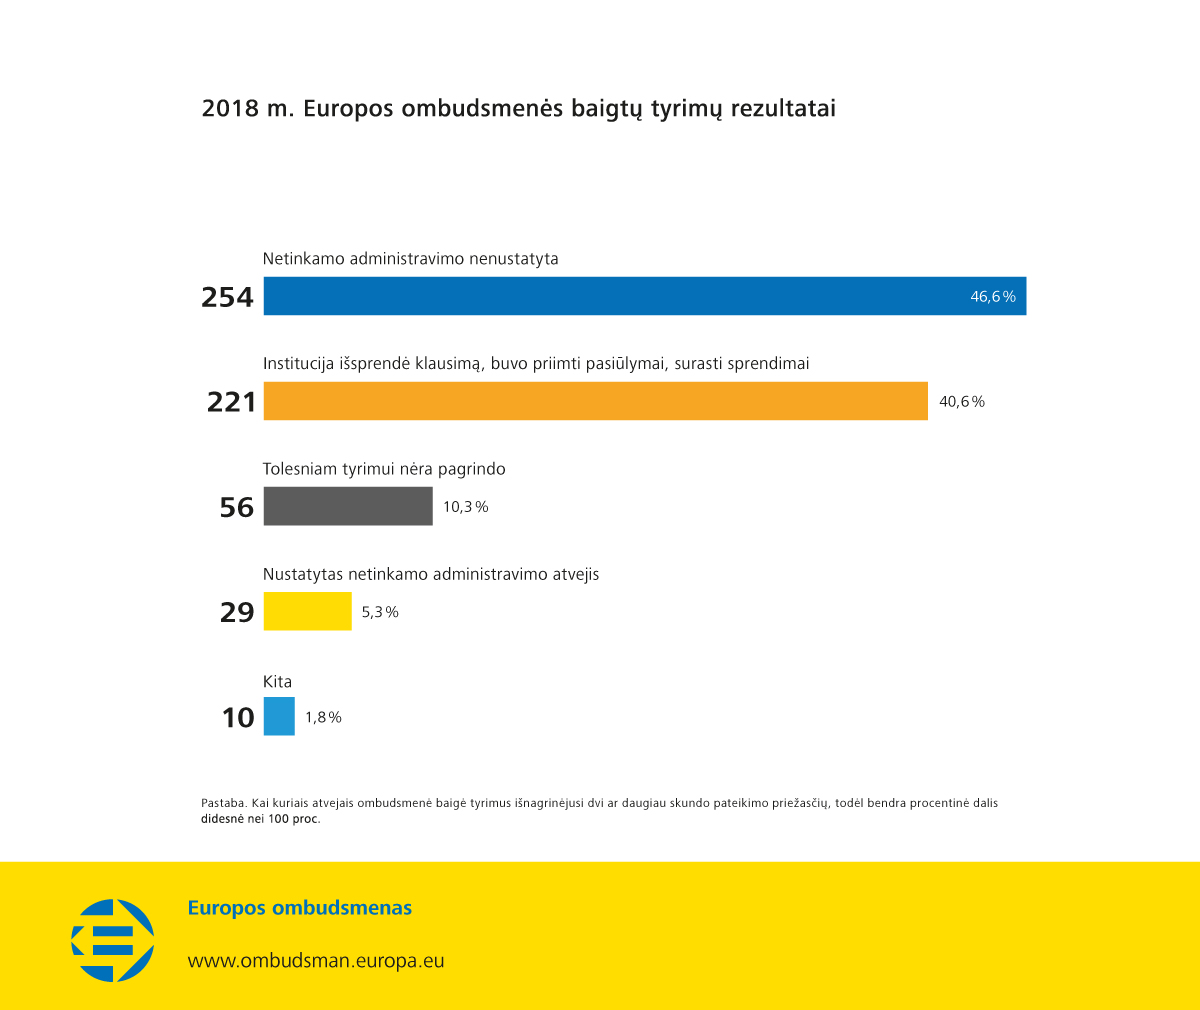 2018 m. Europos ombudsmenės baigtų tyrimų rezultatai